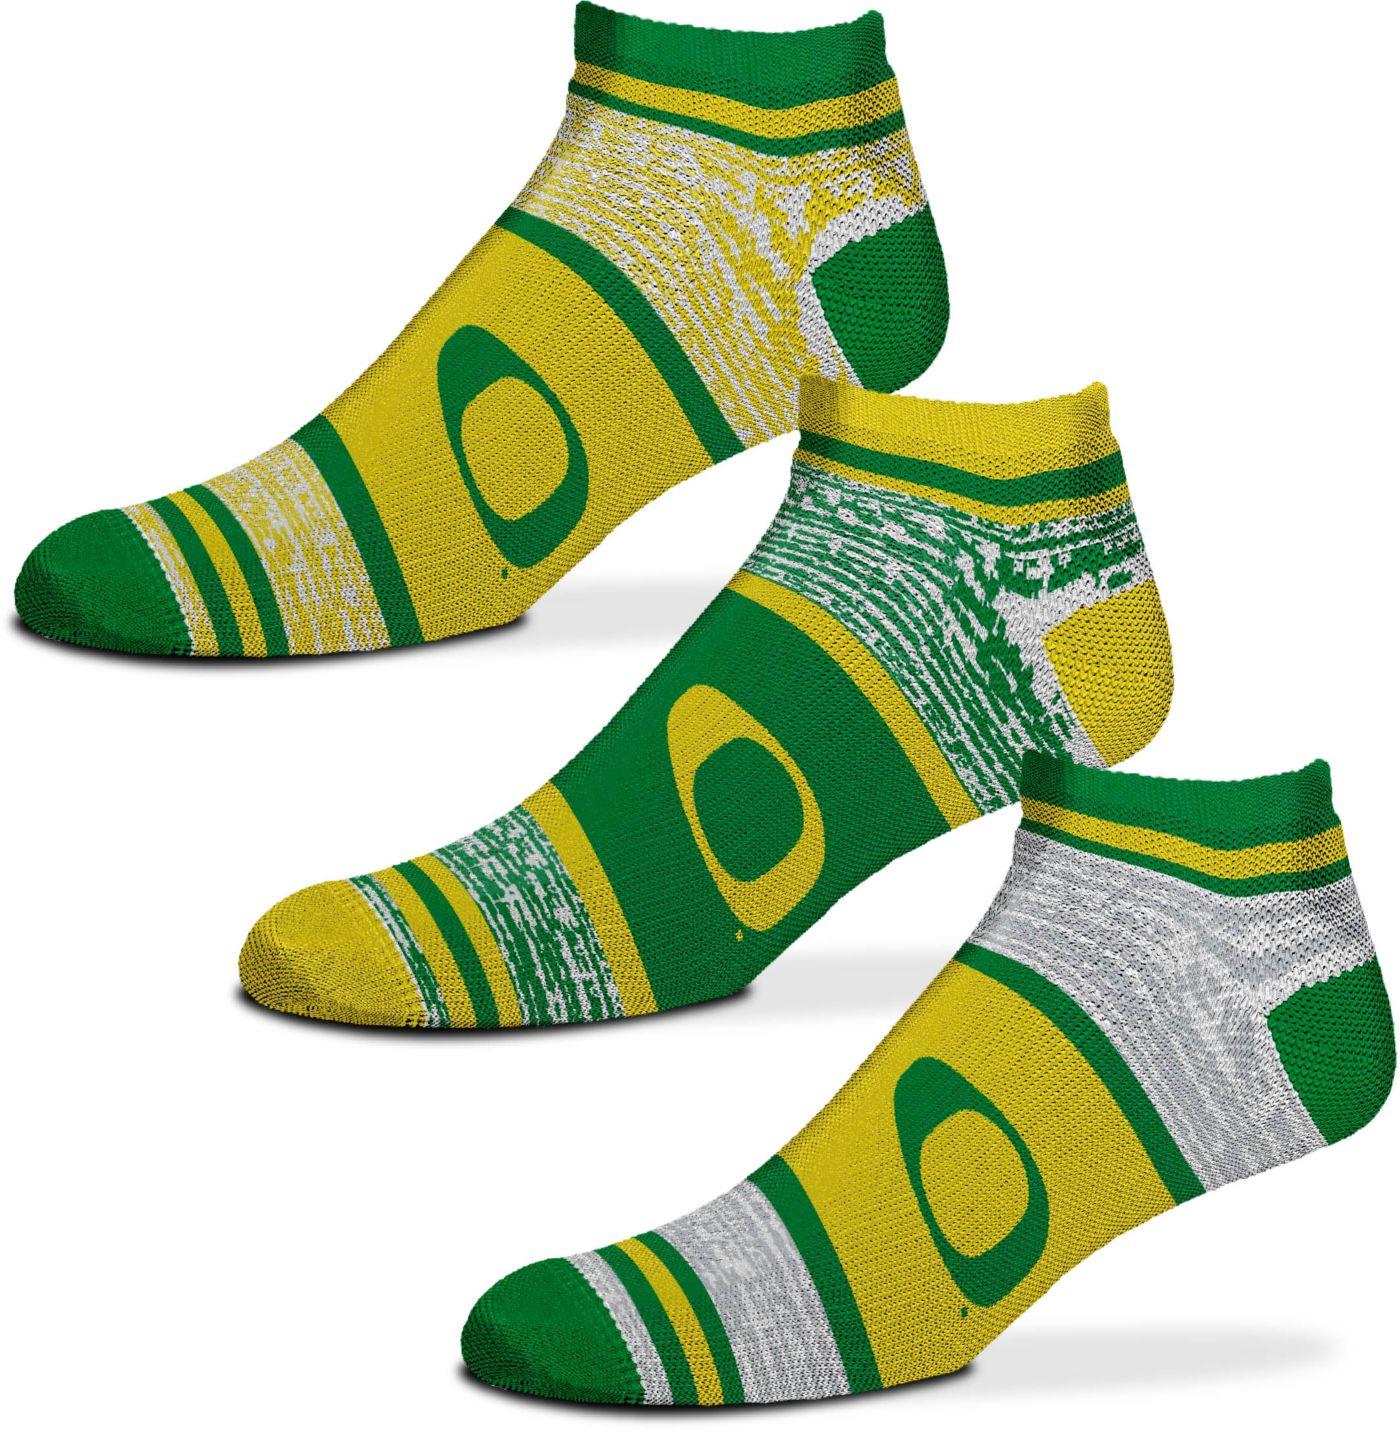 For Bare Feet Oregon Ducks 3 Pack Socks